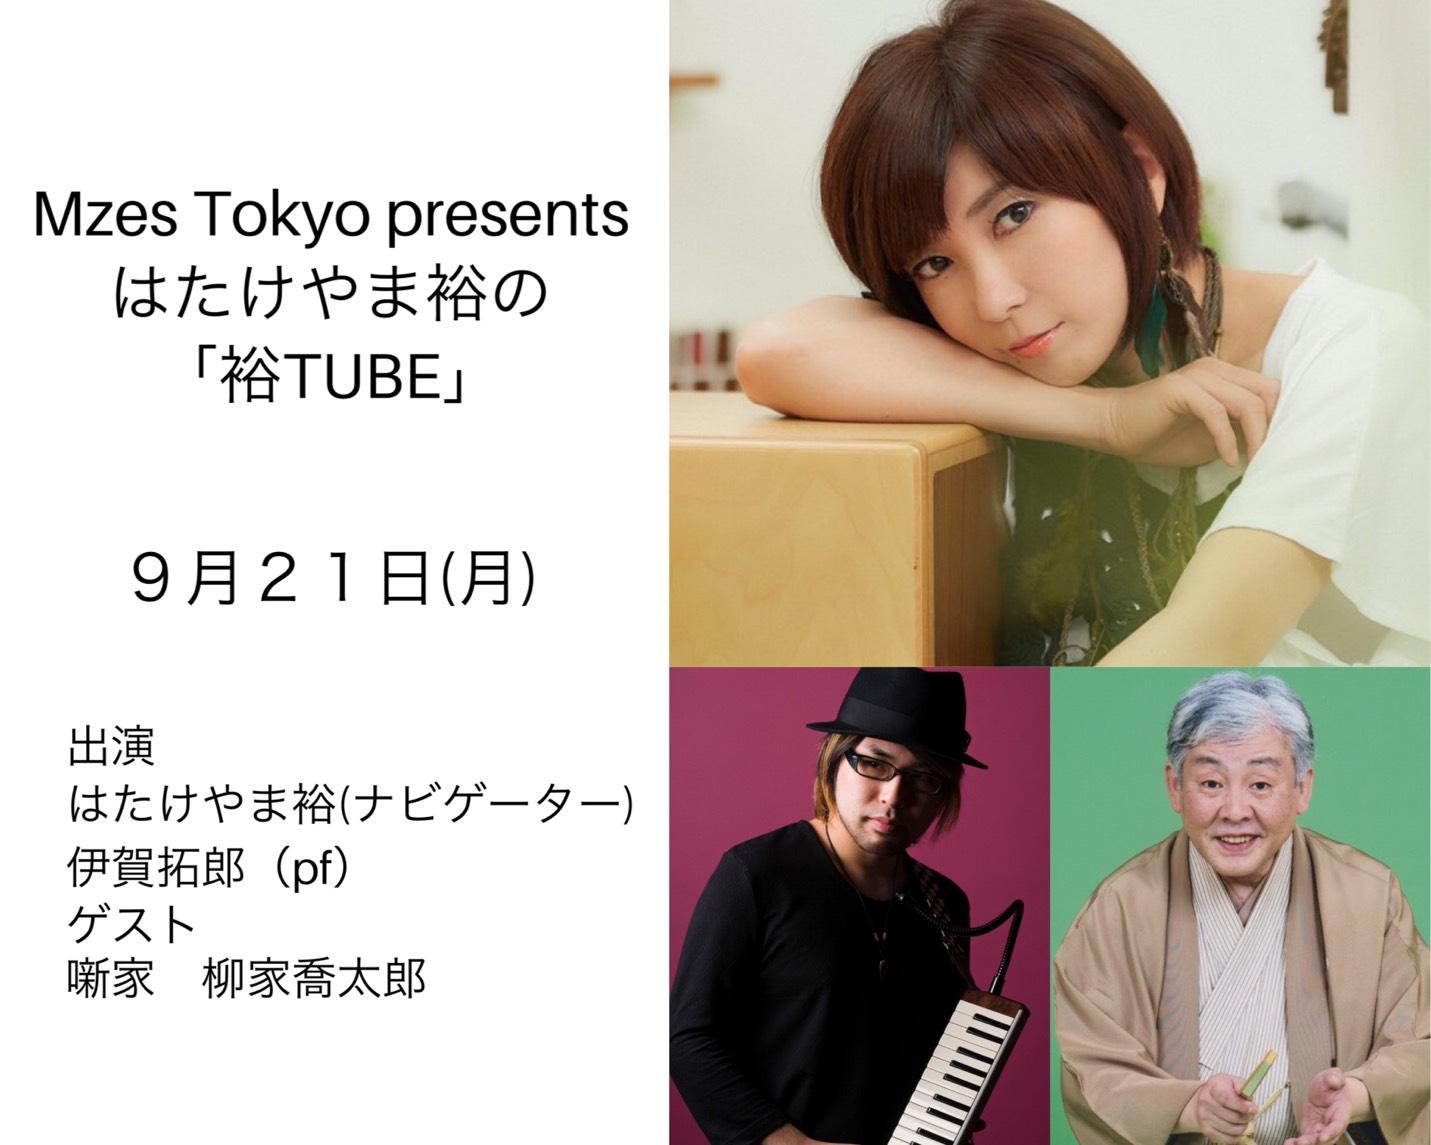 Mzes Tokyo presents はたけやま裕の「裕TUBE」